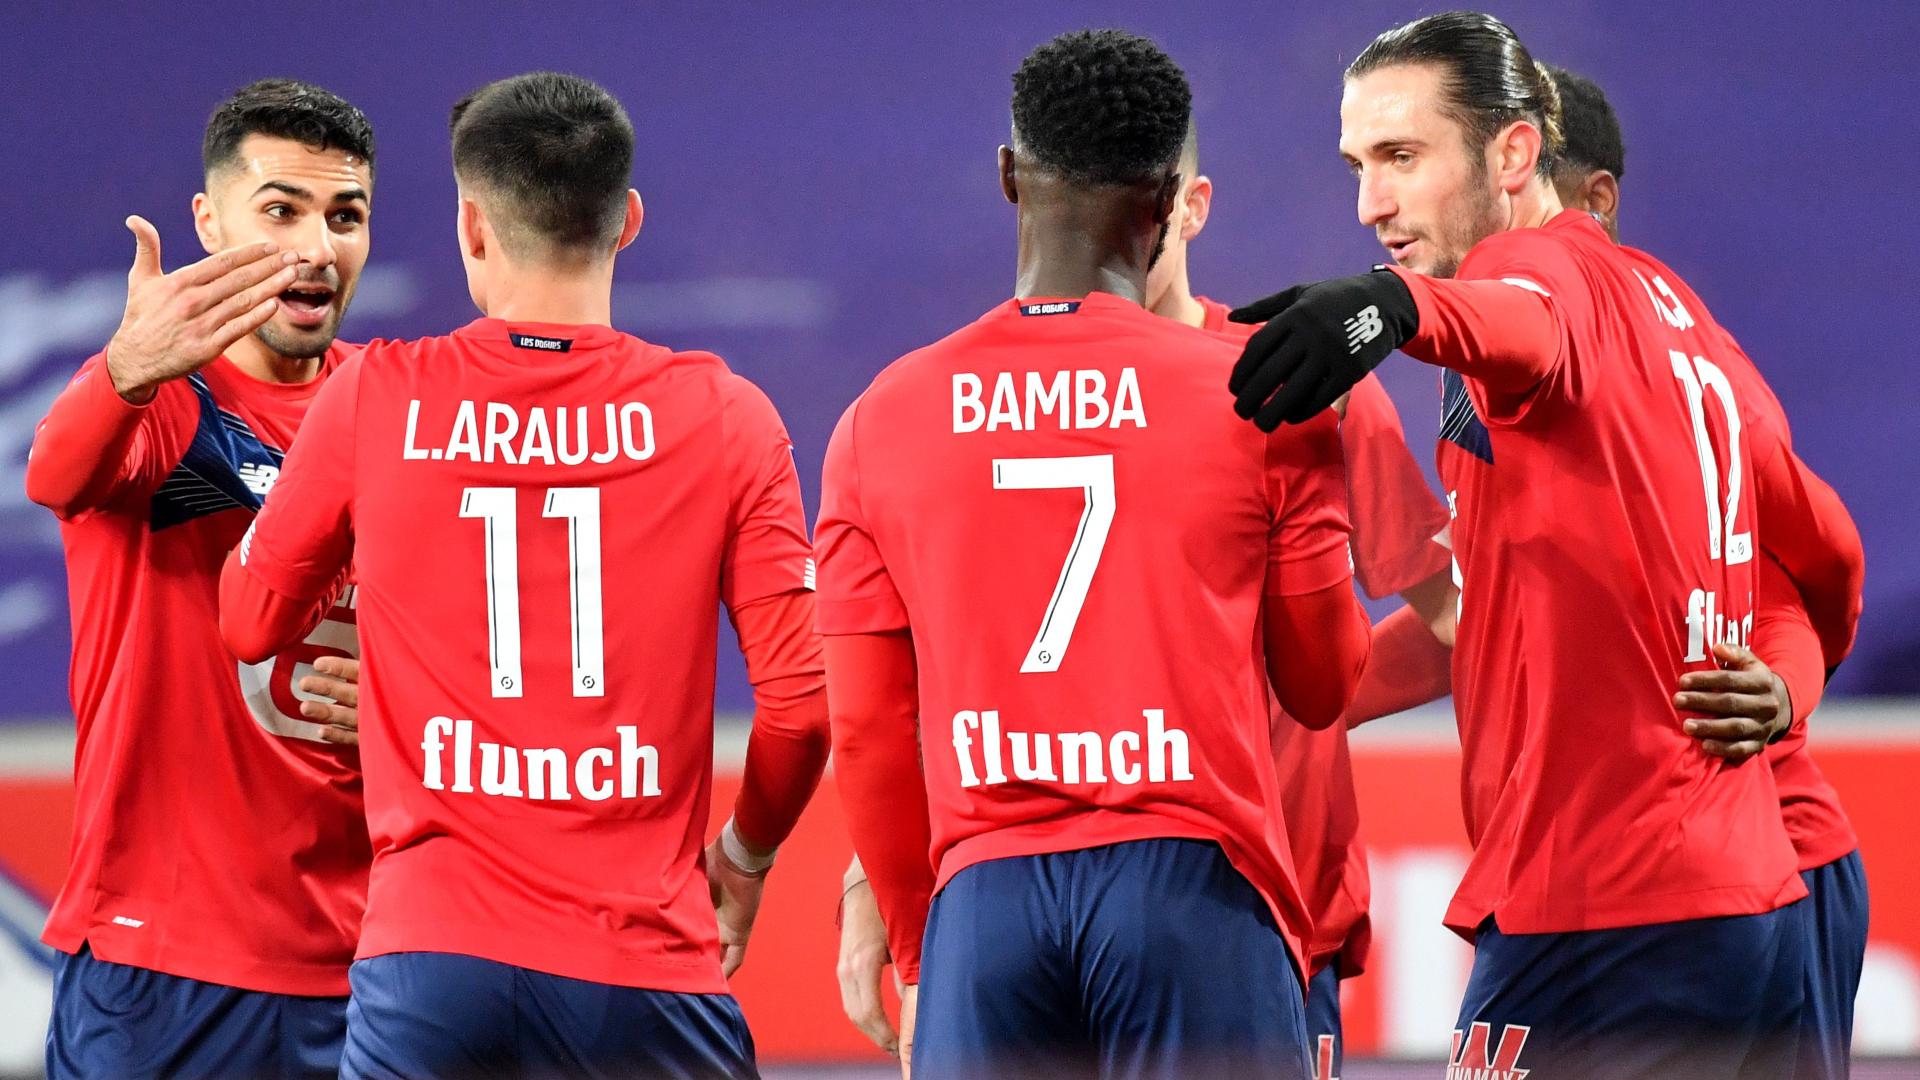 Lille-Dijon (1-0) - Les Dogues prennent la tête du championnat